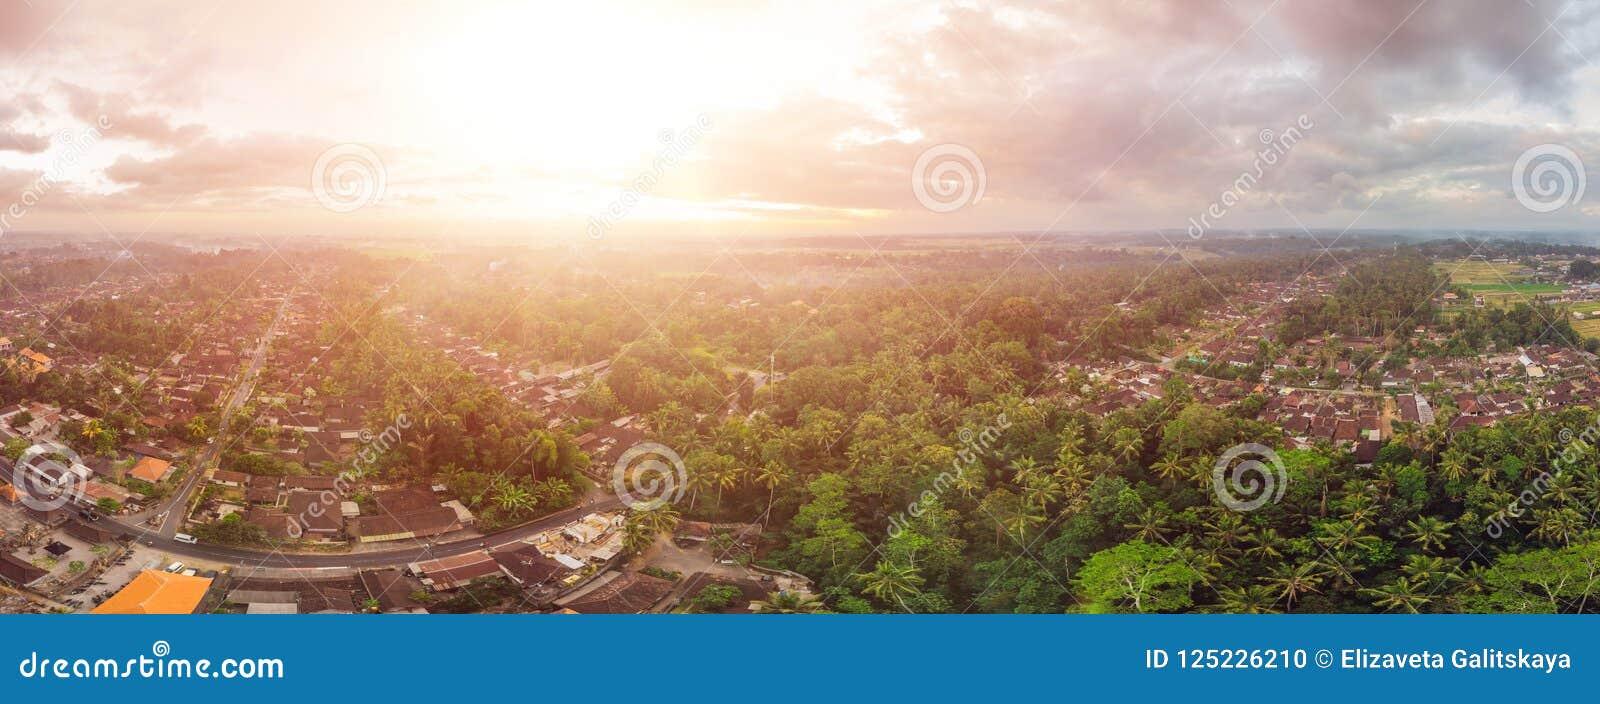 Hus och ris terrasserar sett från ovannämnt med ett surr i Ubud, Bali, Indonesien